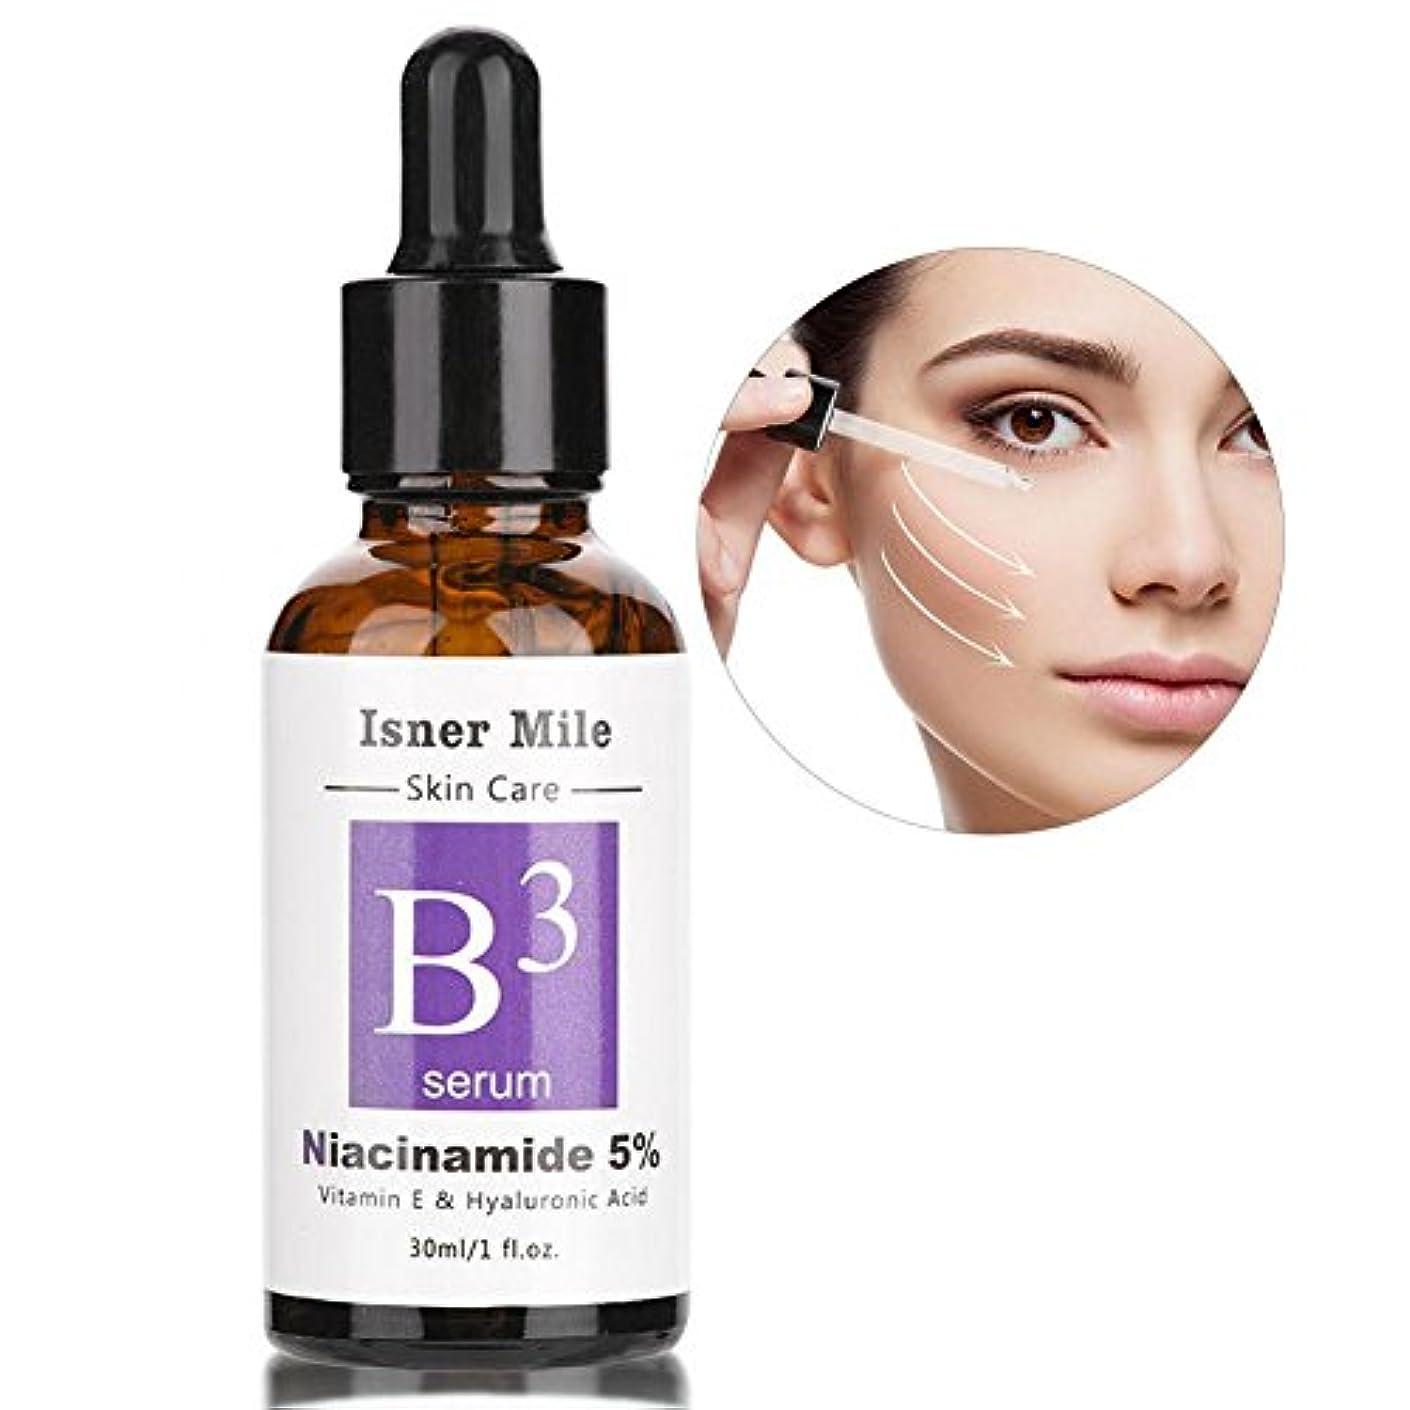 無傷偽善者粘性のスキンケアエッセンス、ピュア5%ナイアシンアミドビタミンE&ヒアルロン酸フェイスセラムモイスチャライジング 顔のケア プレゼント